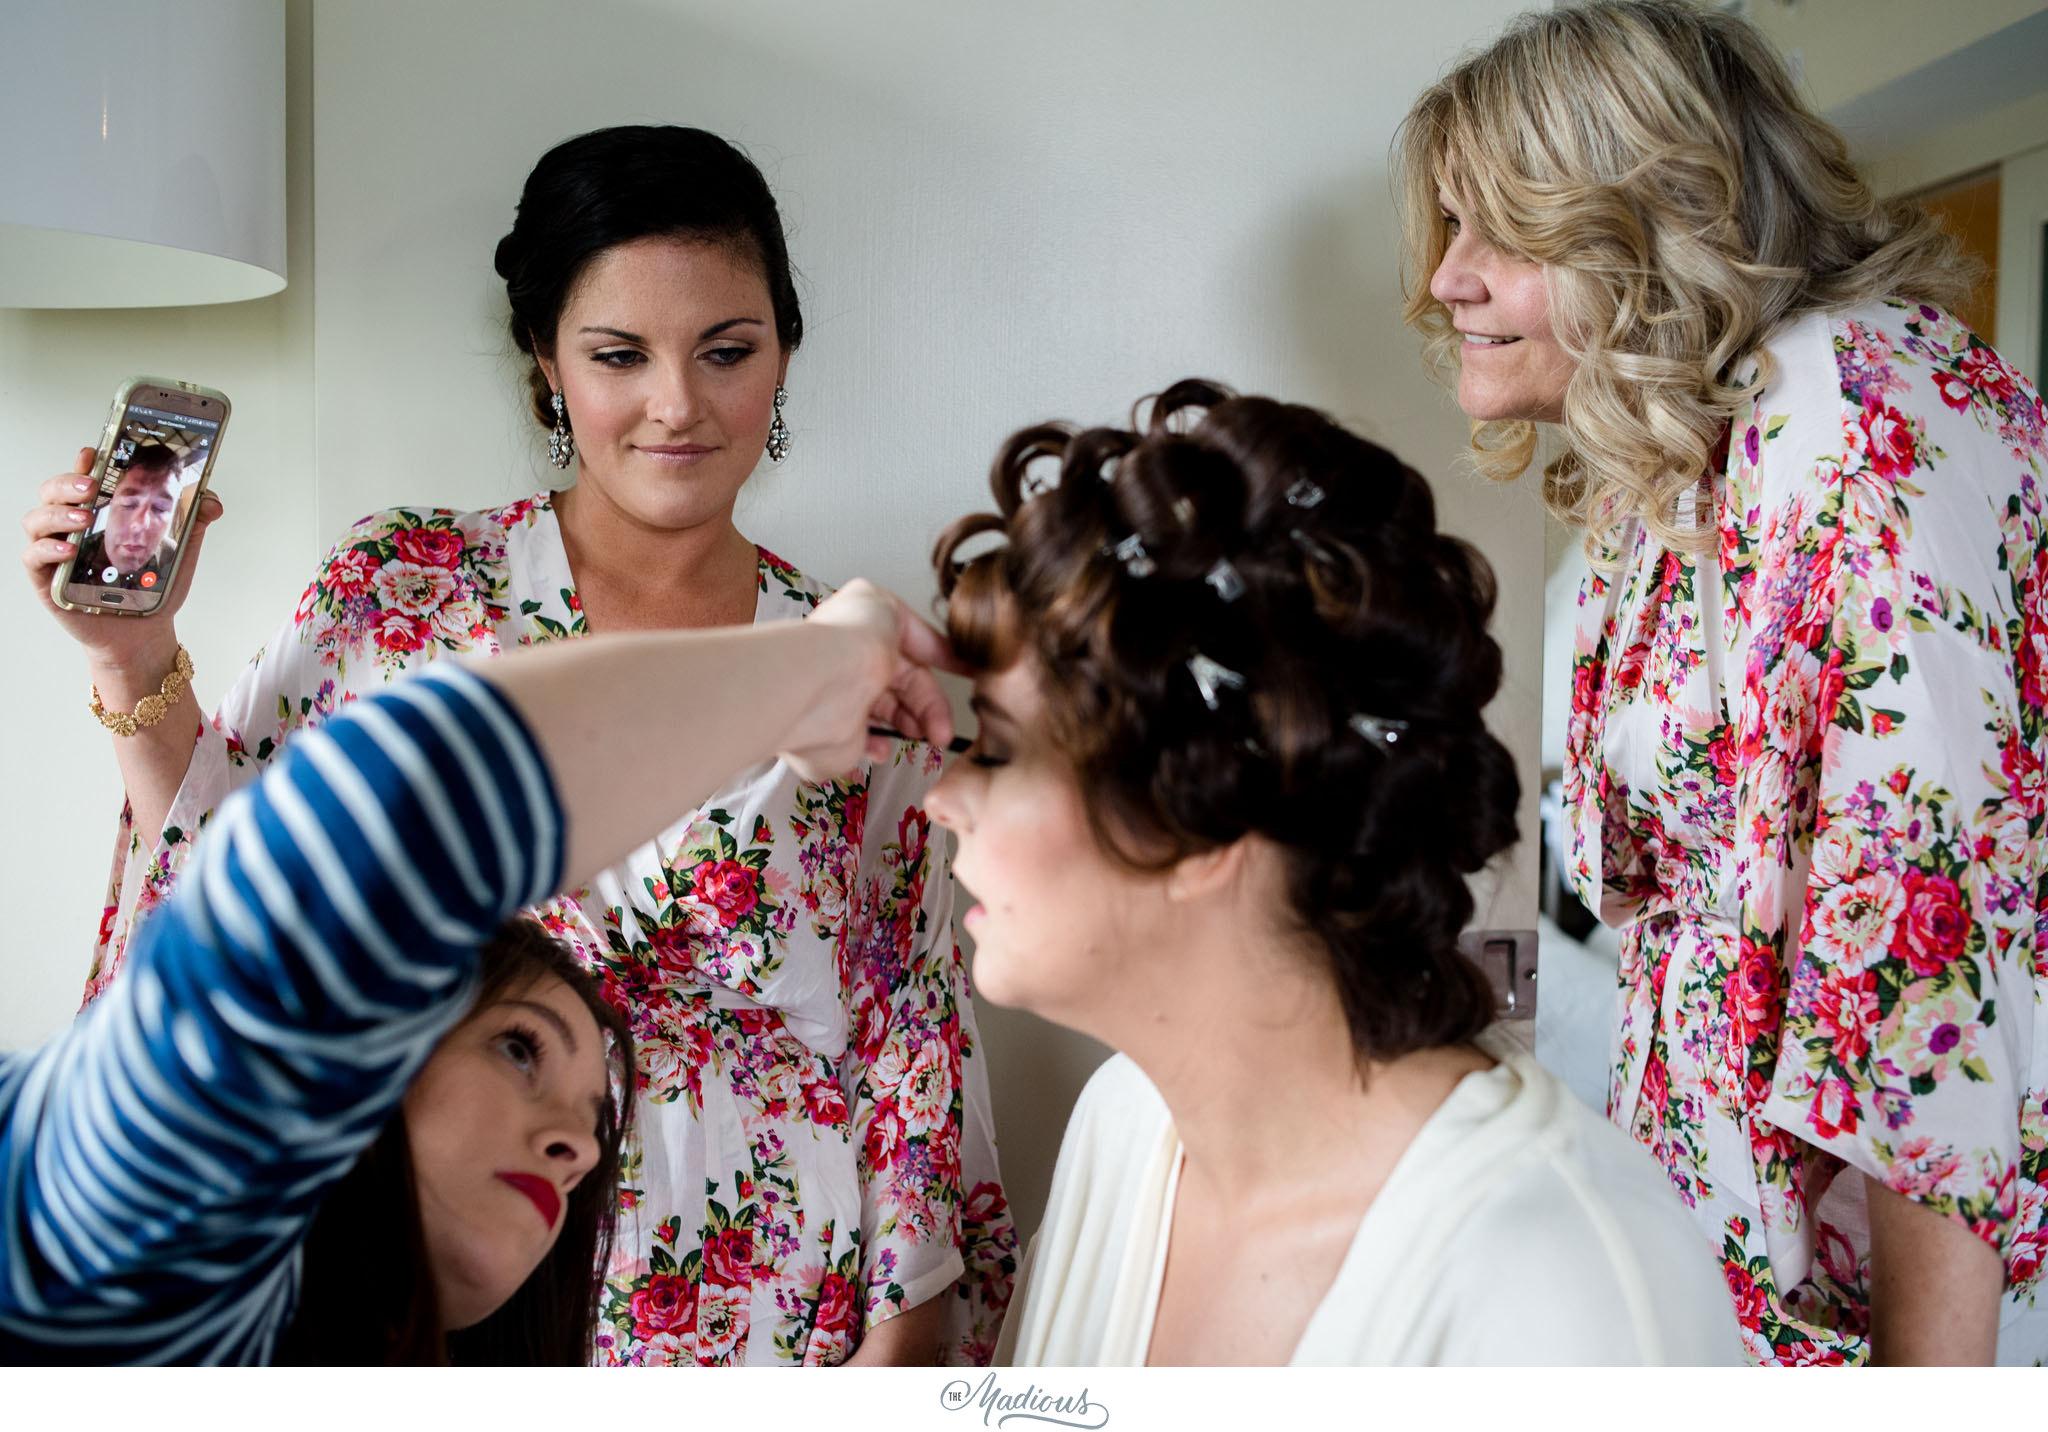 W hotel wedding getting ready_0027.JPG